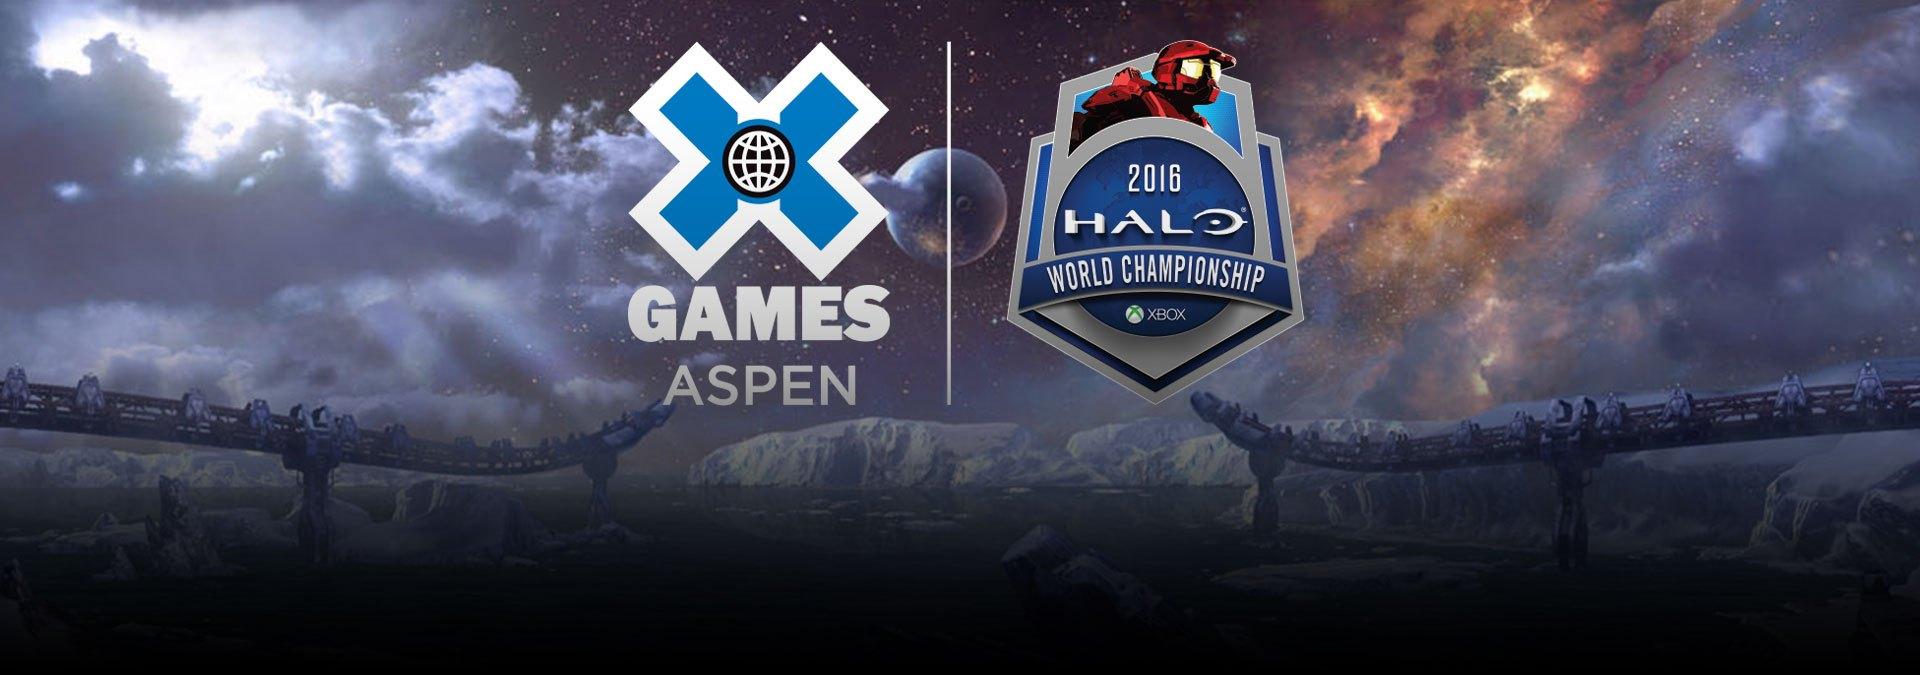 Halo X Games Aspen Invitational 2016: programação completa